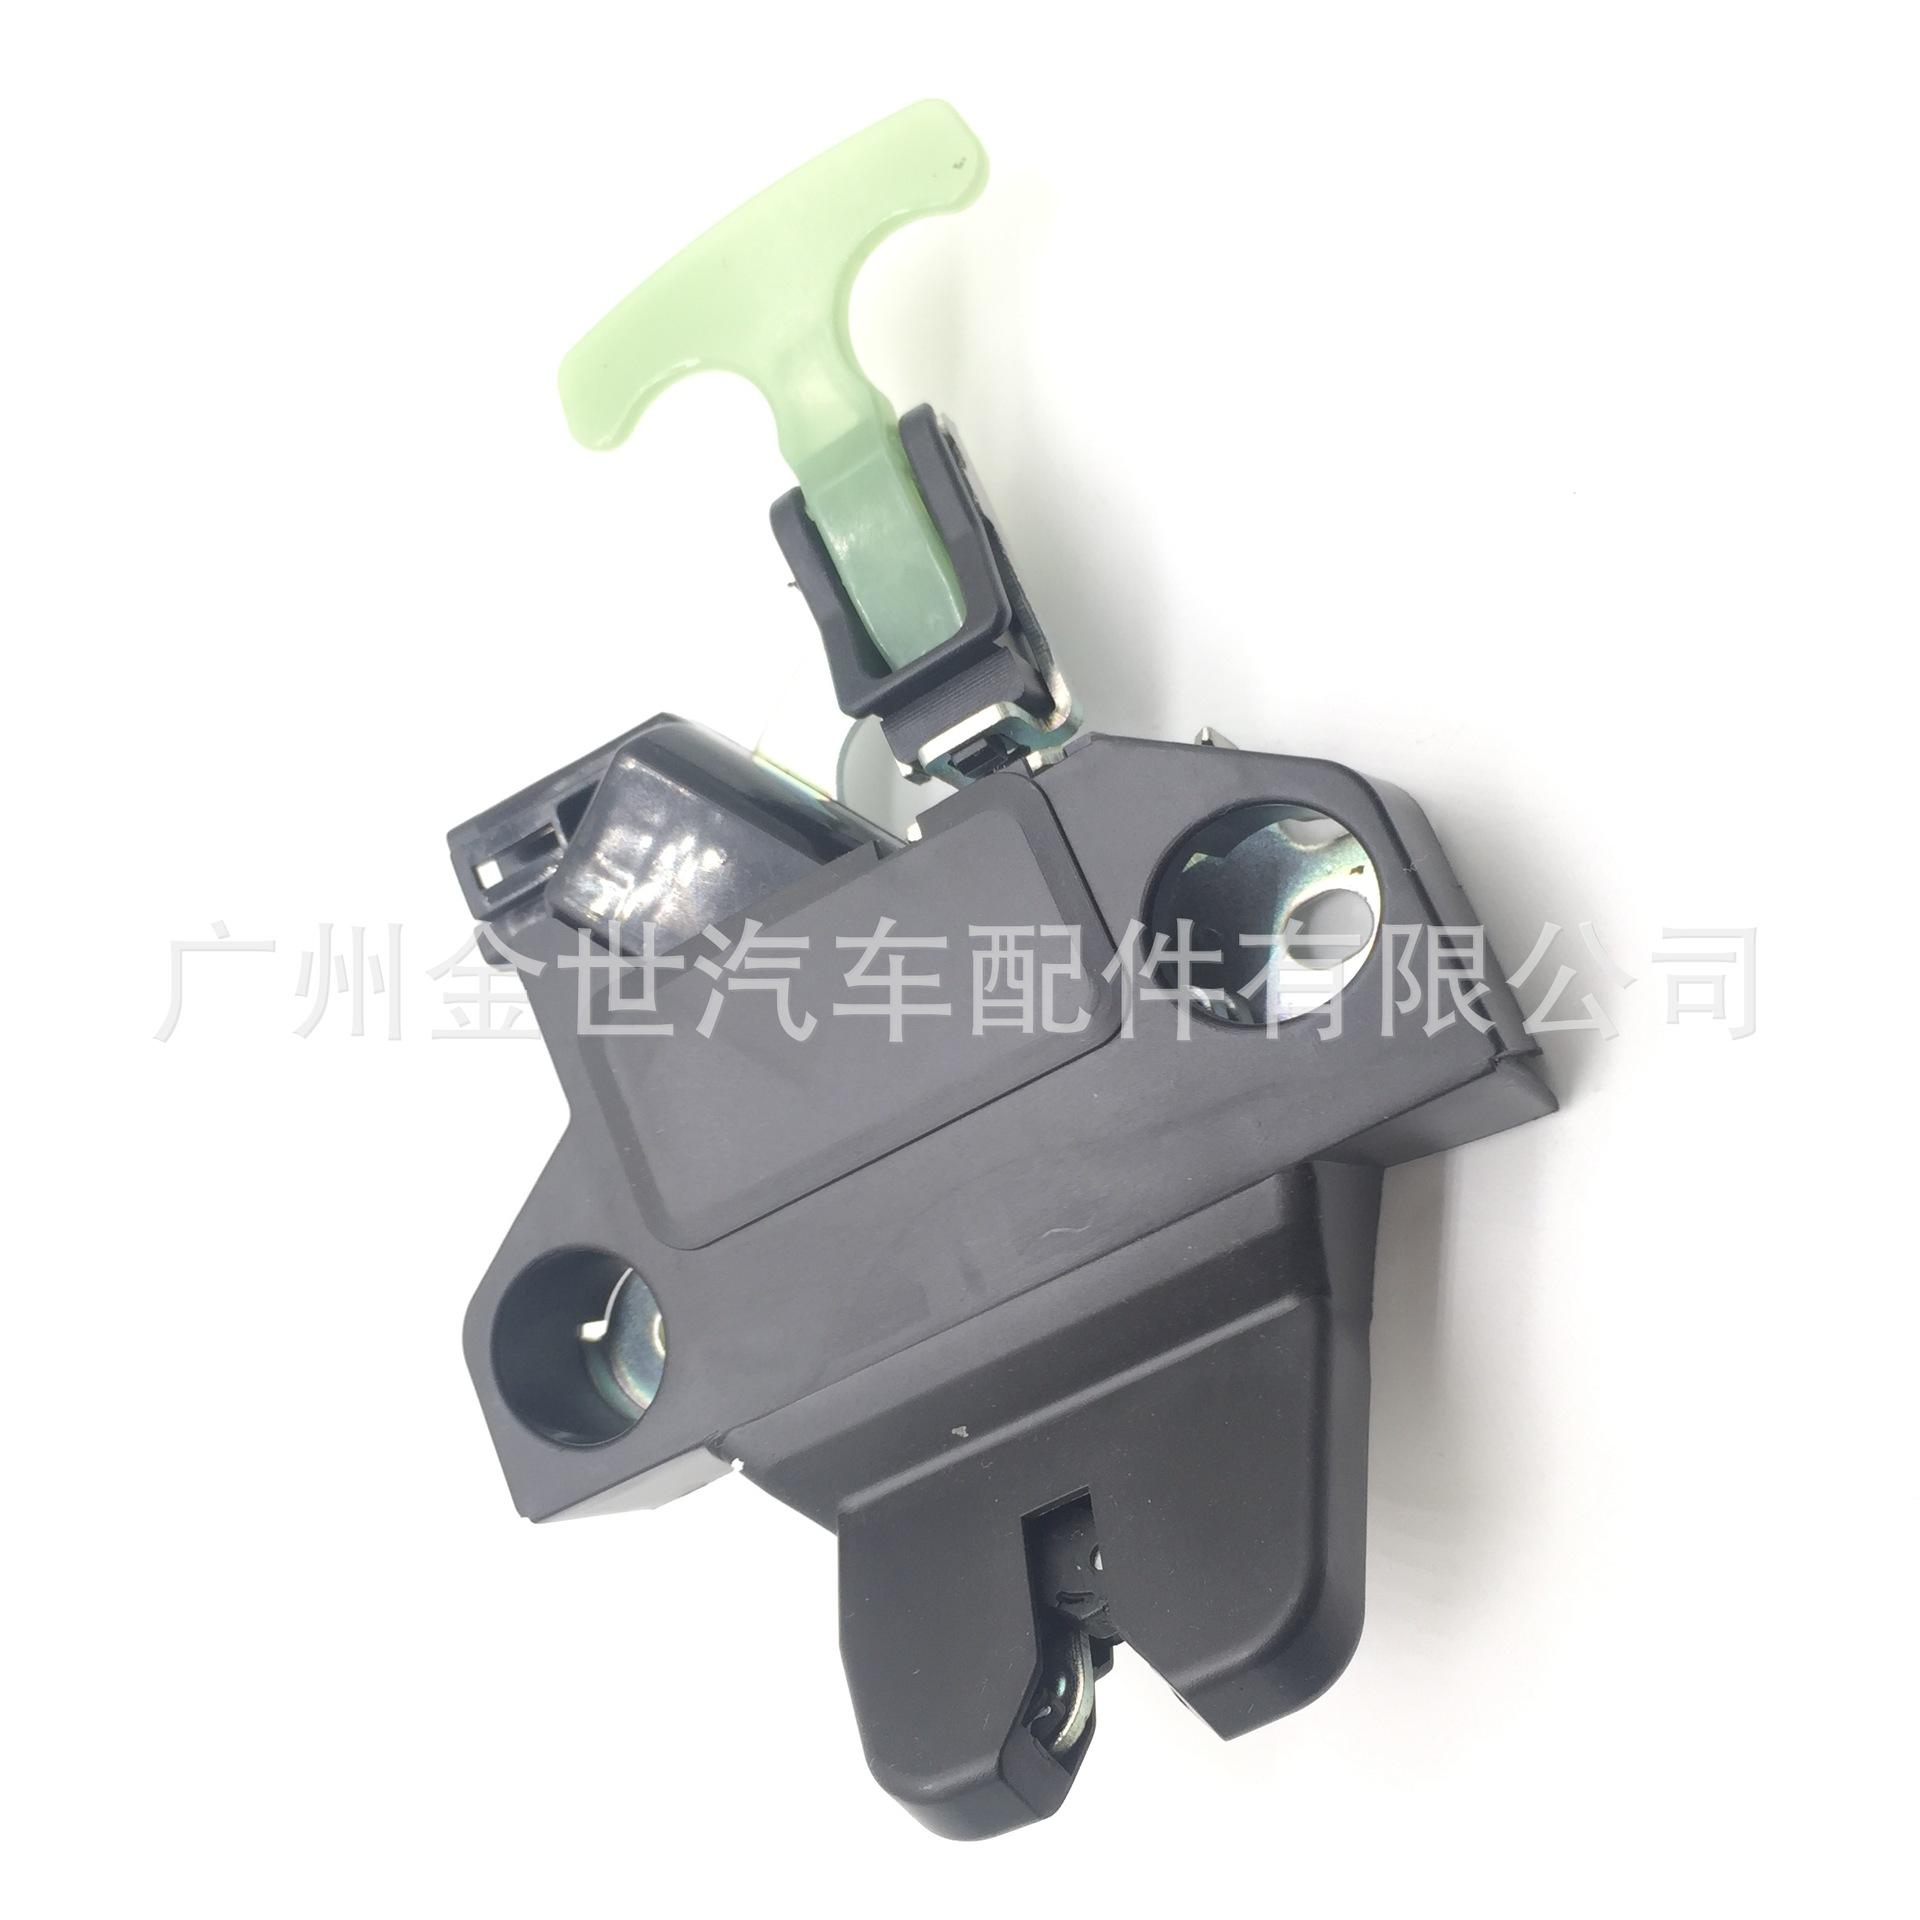 工厂直销:适用于丰田 卡罗拉 尾门锁机 备箱尾门锁块64600-02040